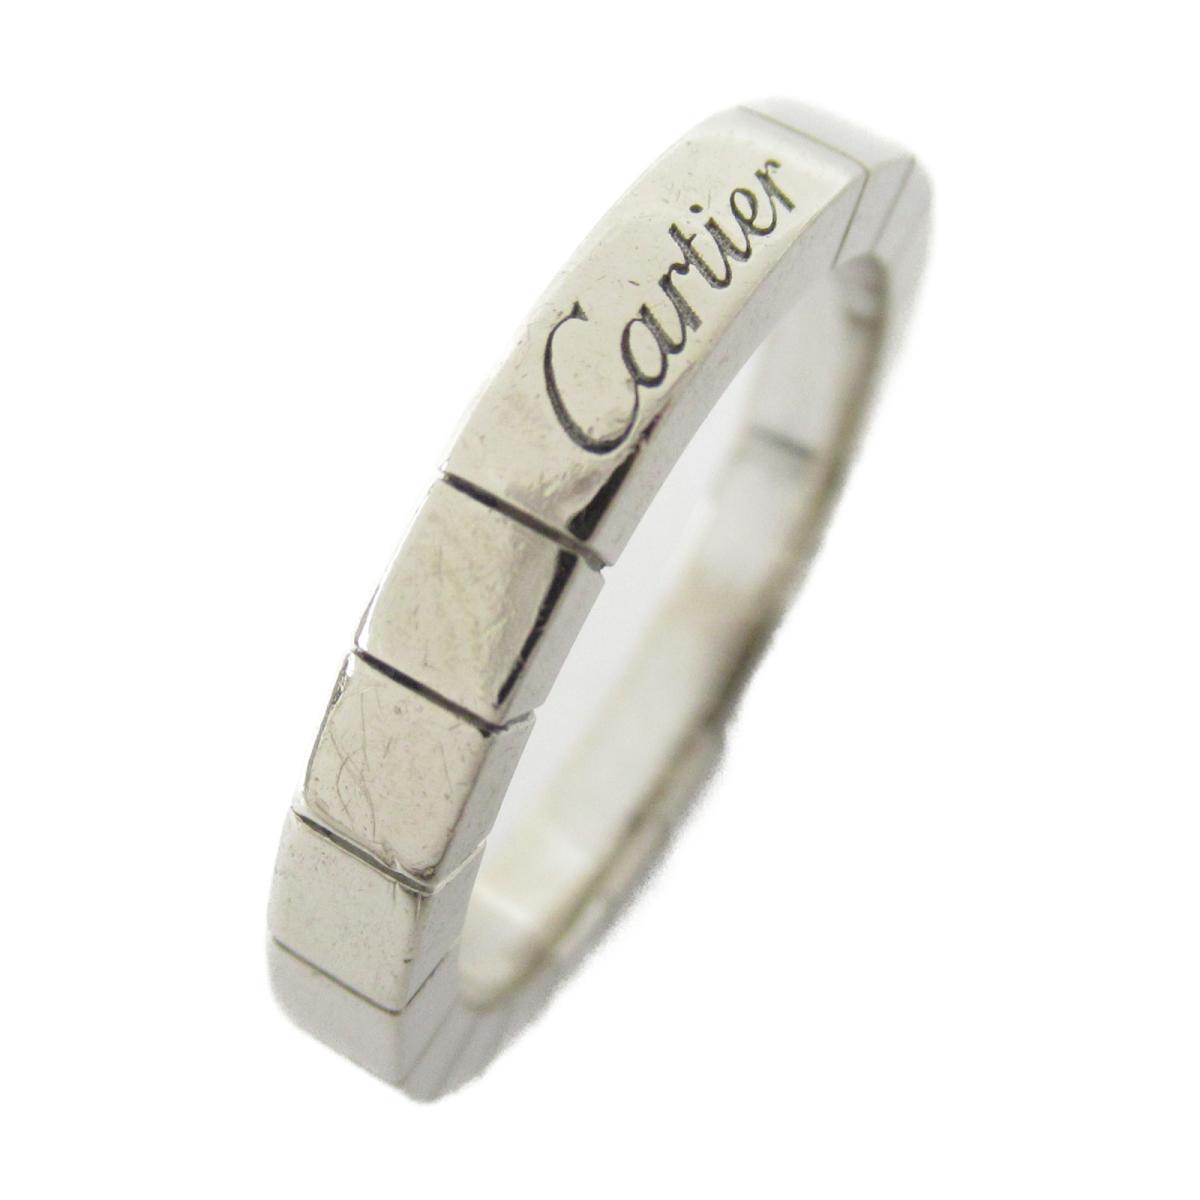 カルティエ ラニエール リング 指輪 ブランドジュエリー メンズ レディース K18WG (750) ホワイトゴールド 【中古】 | Cartier BRANDOFF ブランドオフ ブランド ジュエリー アクセサリー